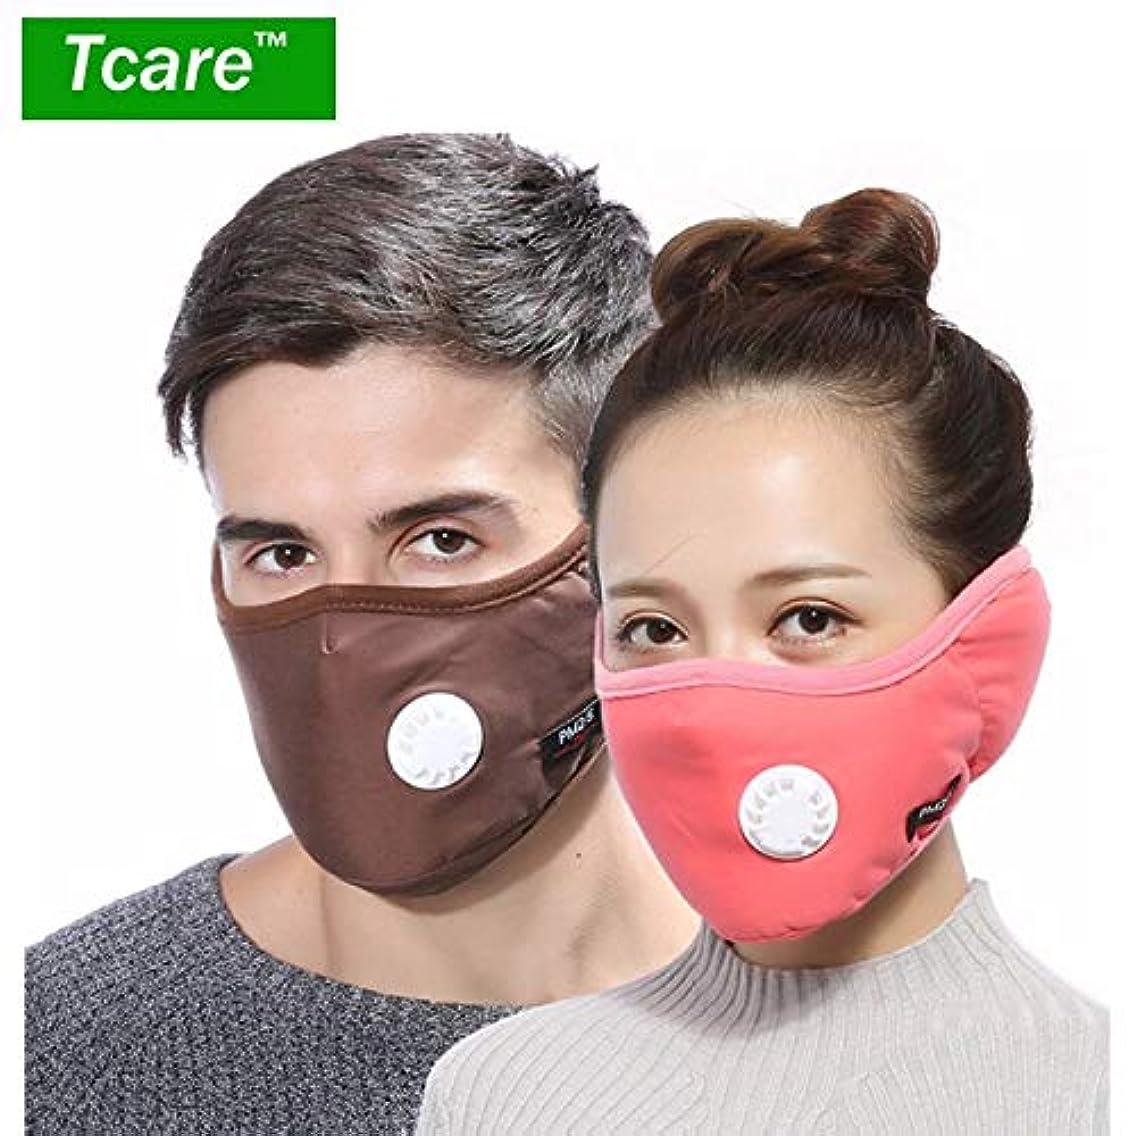 寄付スーパーマーケット拘束8ダークピンク:1 PM2.5マスクバルブコットンアンチダスト口マスクの冬のイヤーマフActtedフィルター付マスクでTcare 2